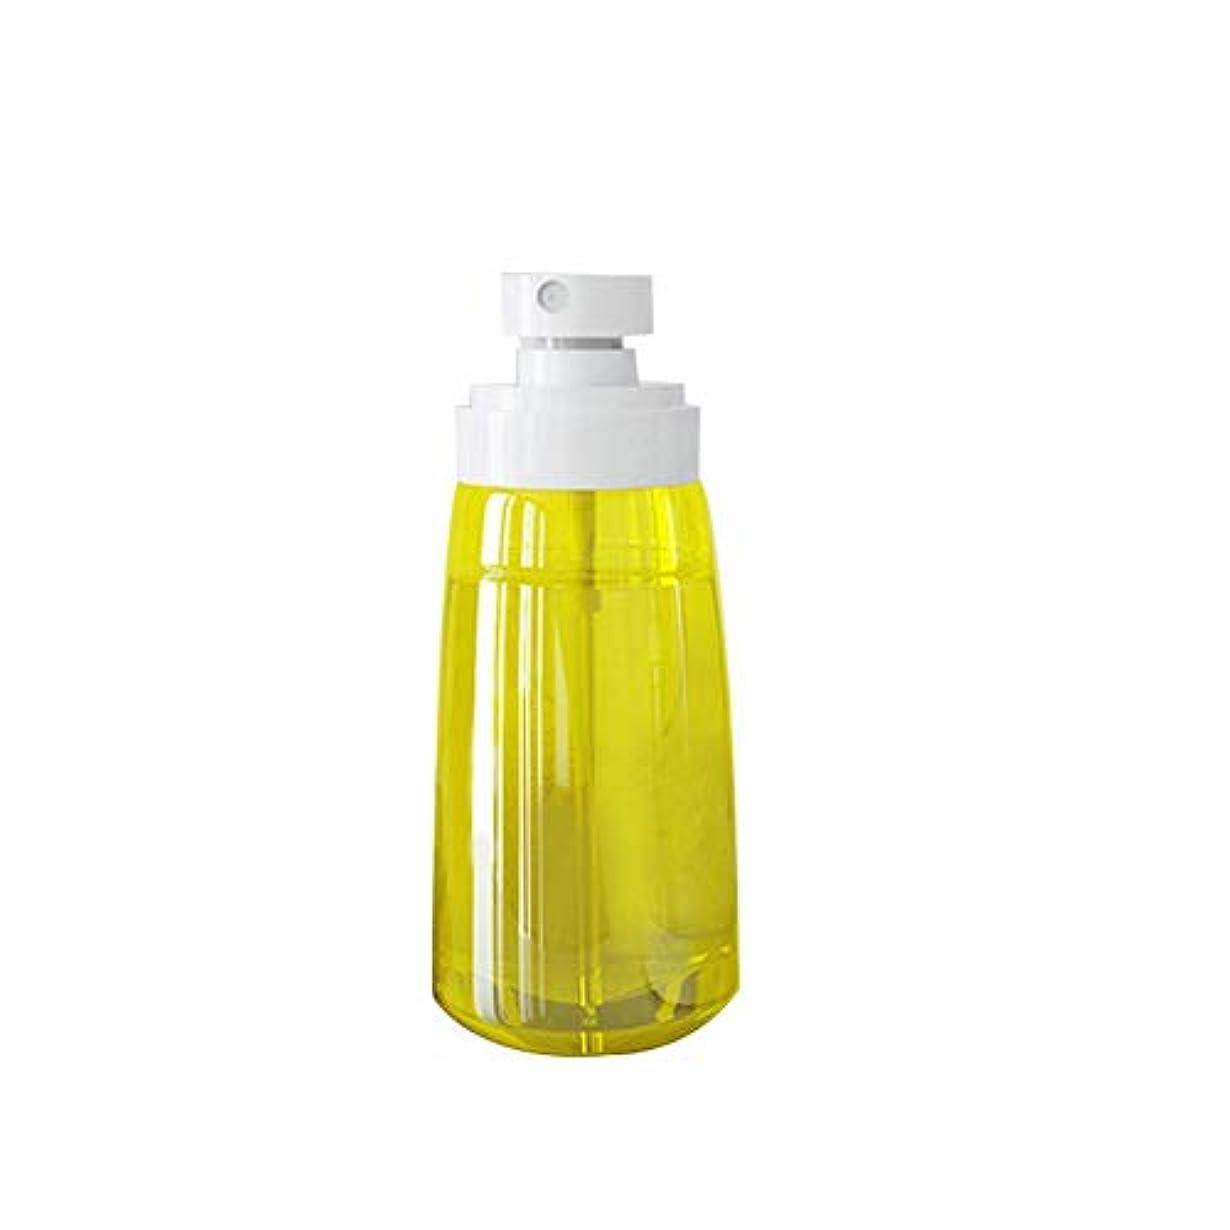 パークトレッド設置LUERME スプレーボルト 60ml PET製 化粧水の詰替用 極細のミストを噴霧する 旅行用の霧吹き 小分けの容器 アルコール消毒用 アトマイザー